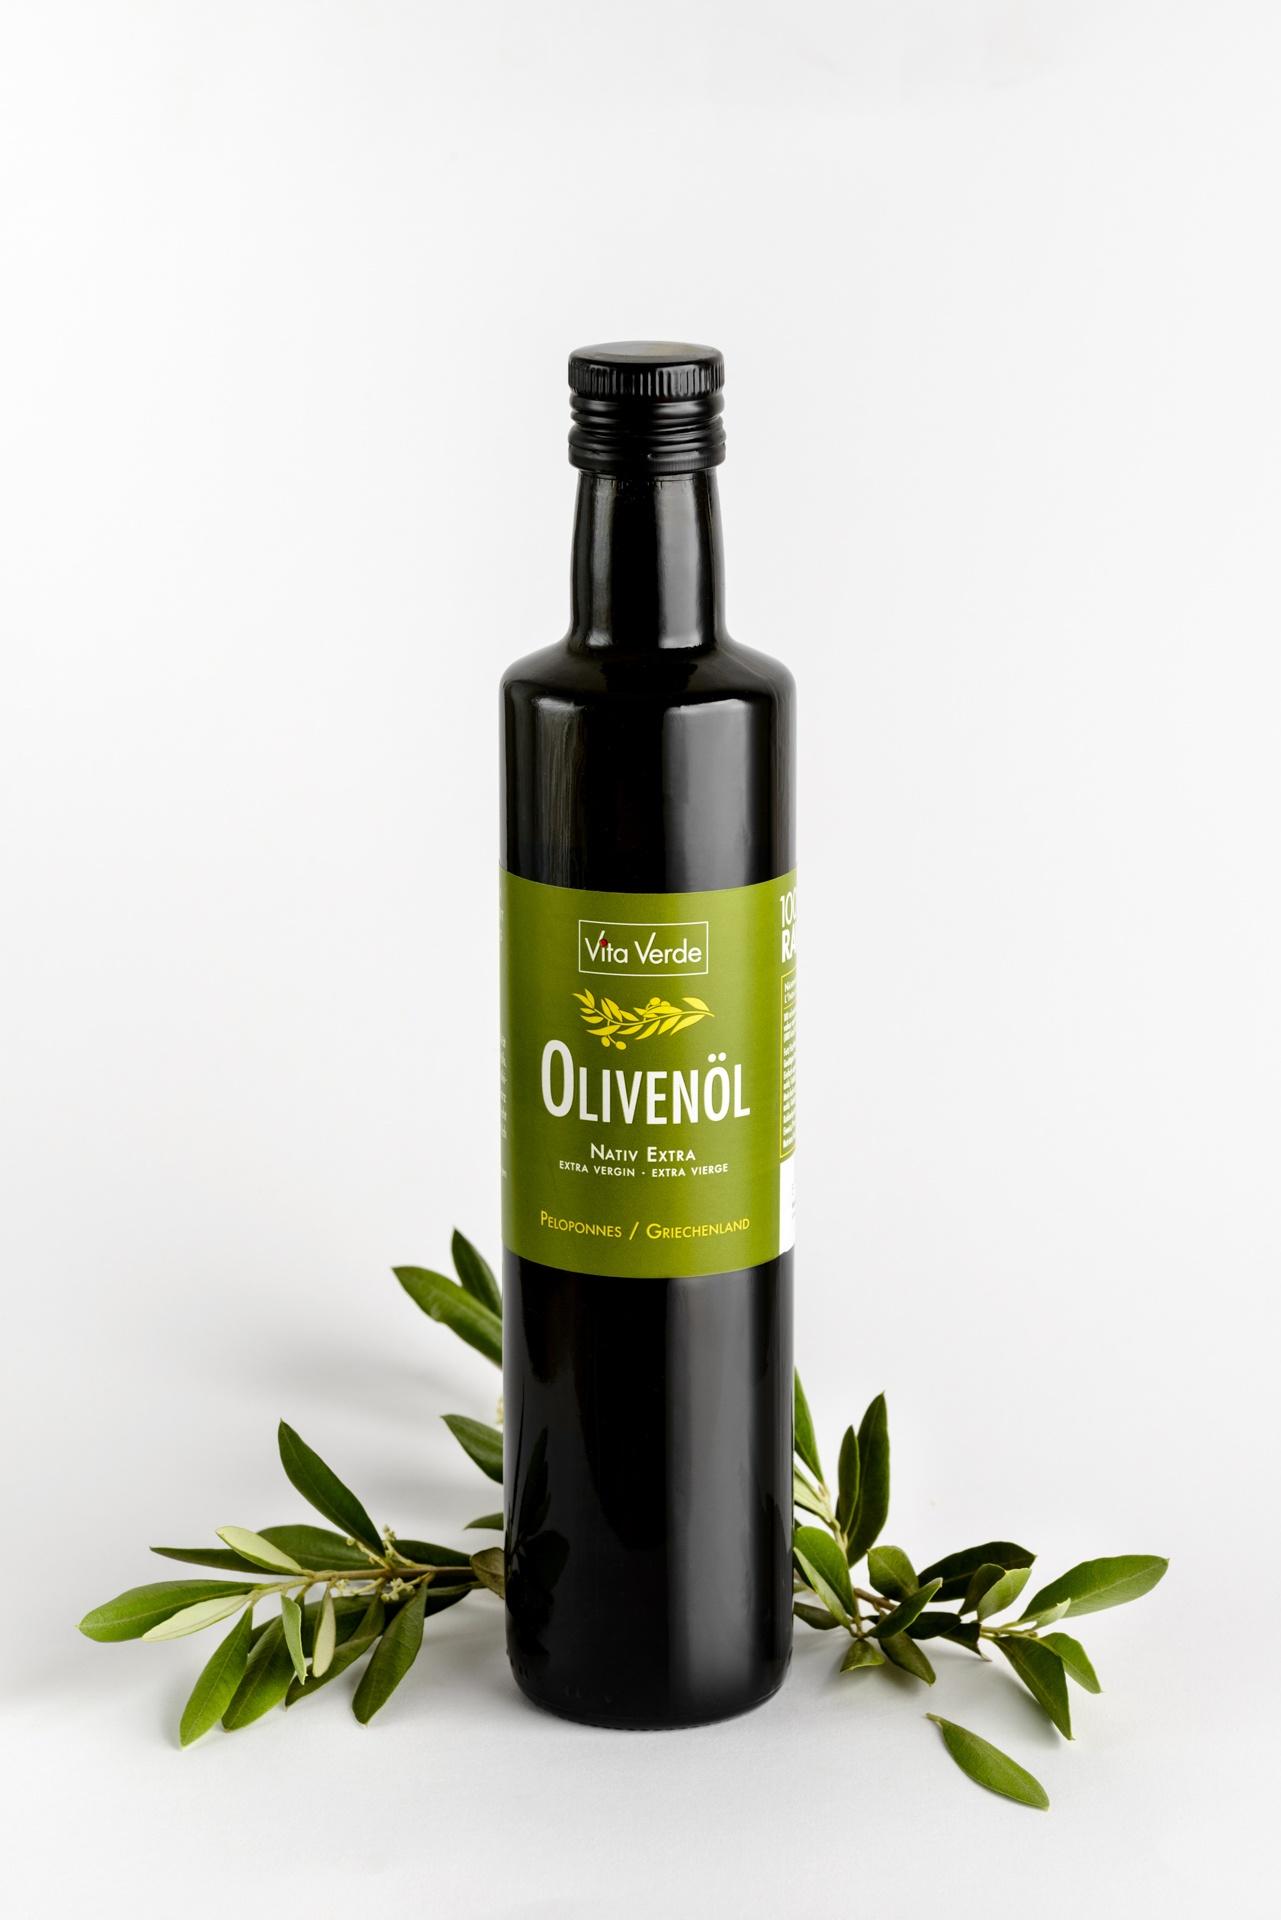 Eine Flasche Bio-Olivenöl. Leicht fruchtig, kaltgepresst.